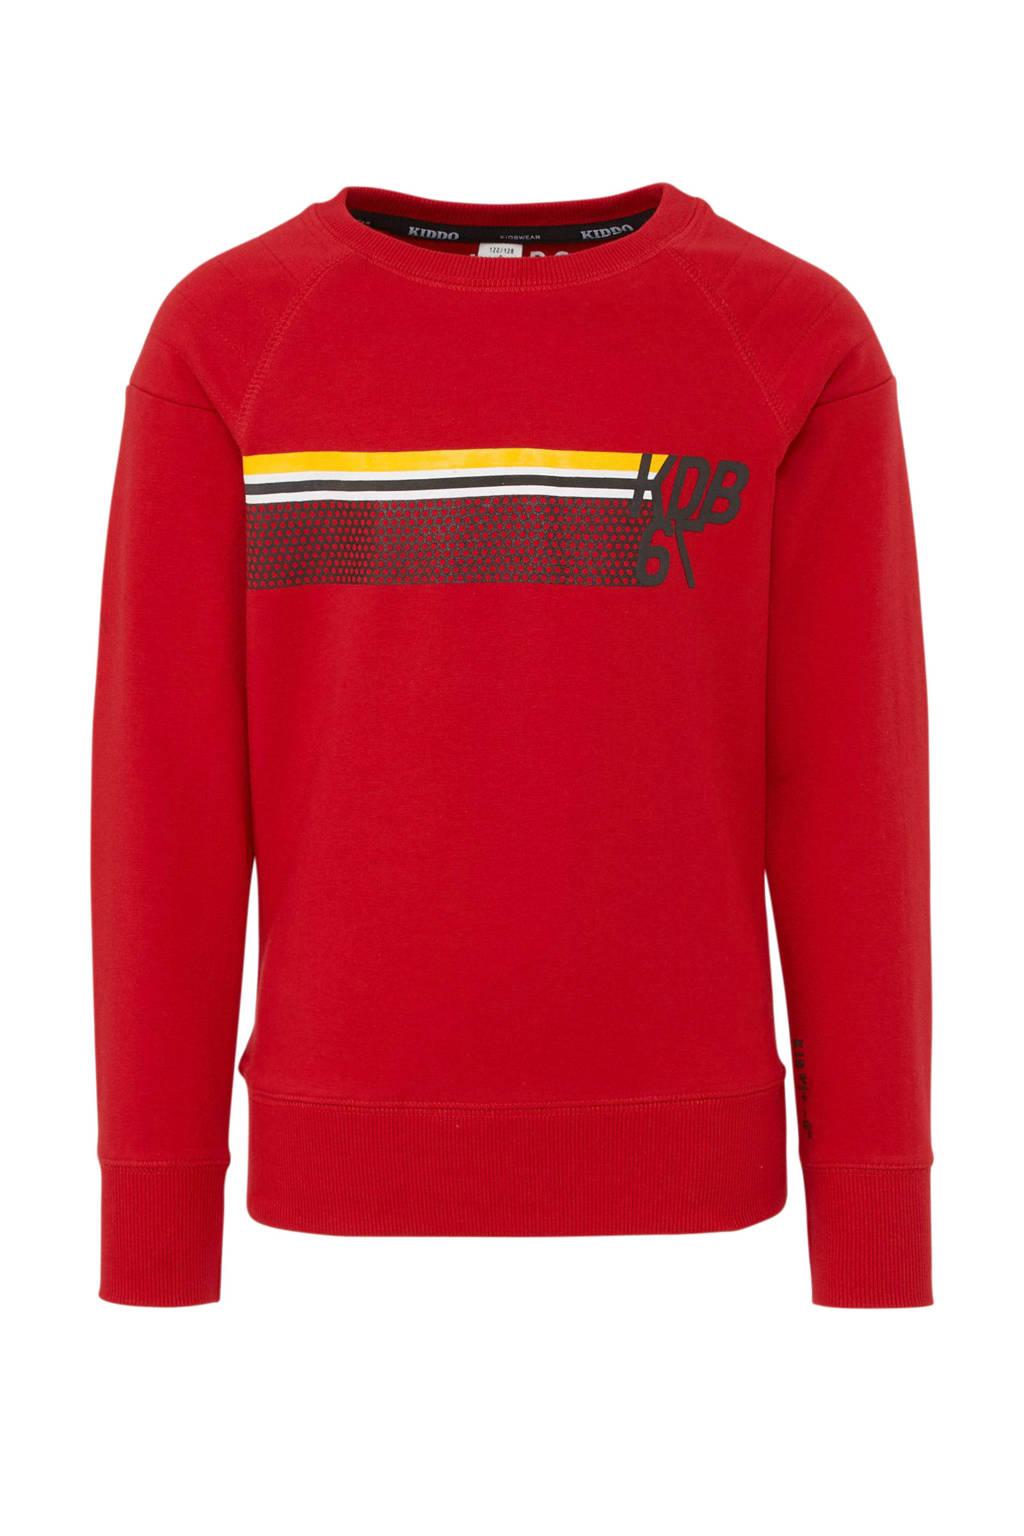 KIDDO sweater met printopdruk rood, Rood